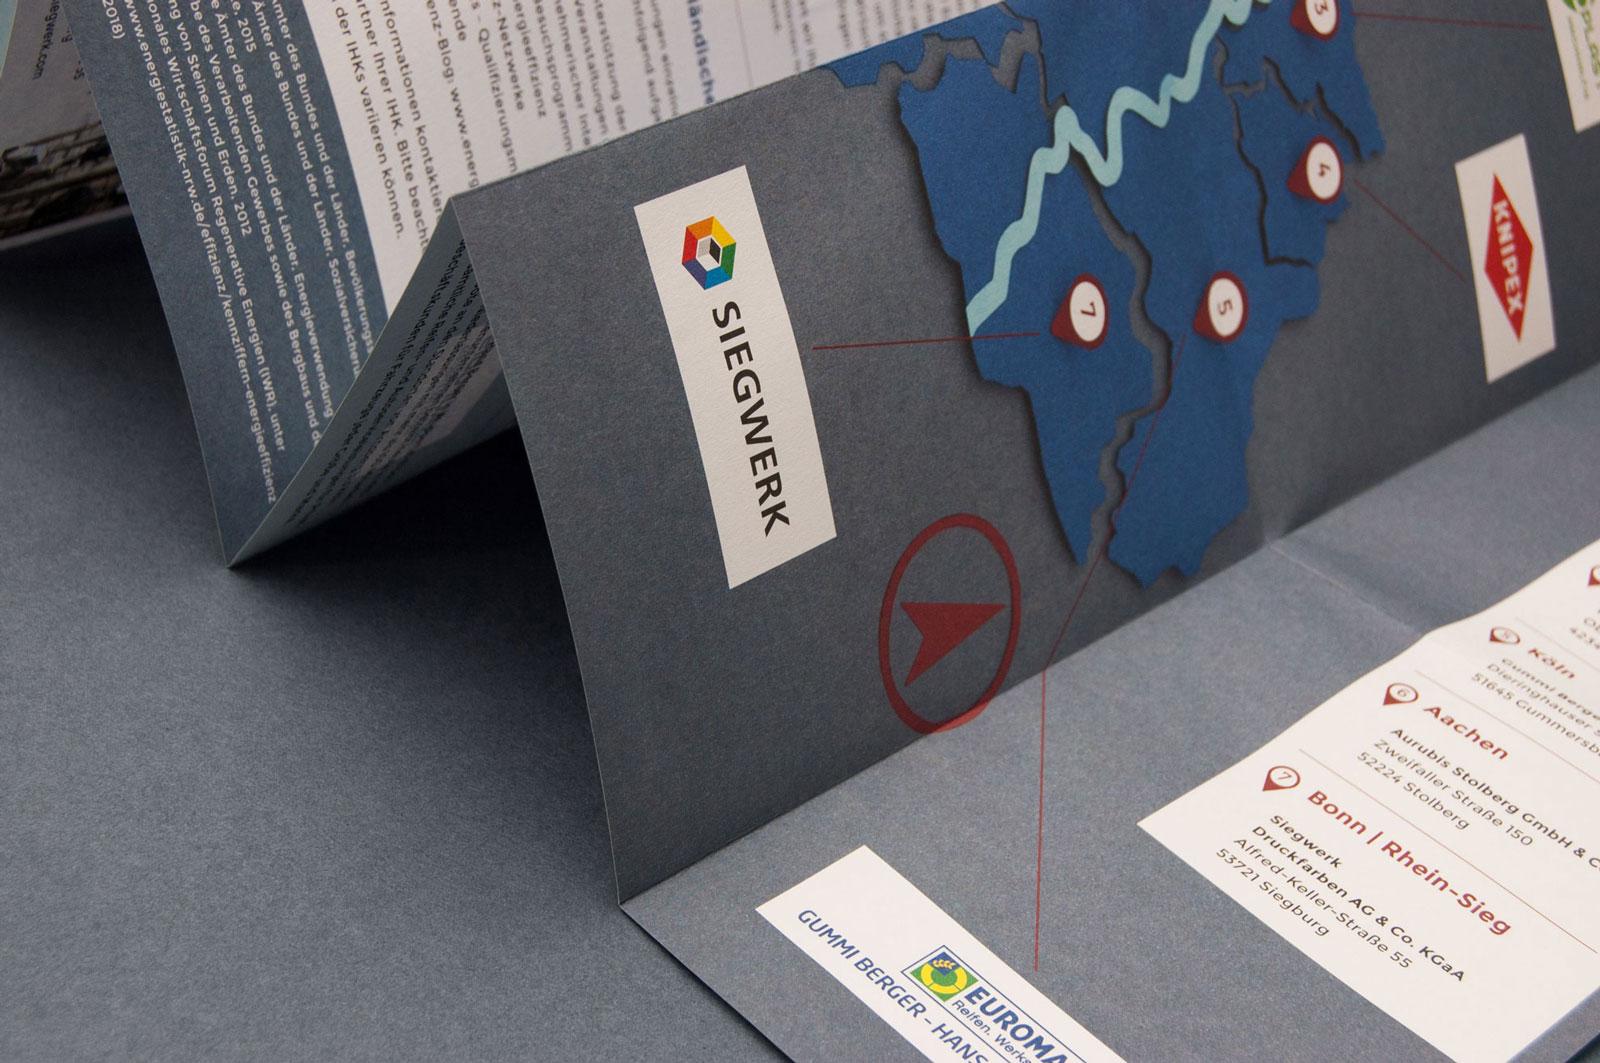 Designbüro Mittelsdorf Initiative Rheinland – Best Practice Energieeffizienz → Grafik Design, Broschüre, Paperart